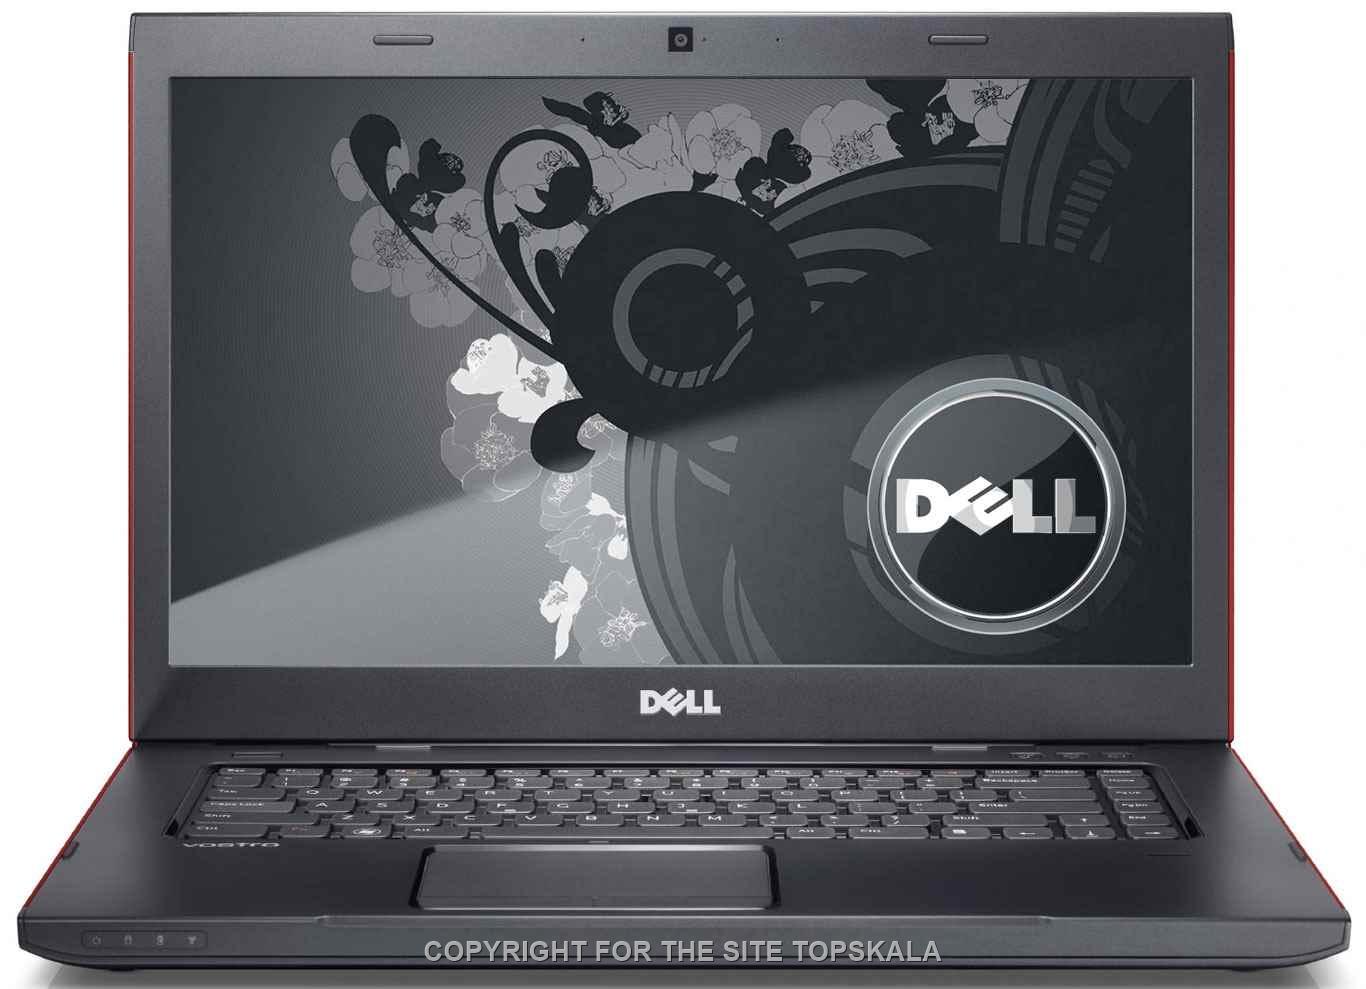 دل / لپ تاپ استوک دل مدل DELL Vostro 3550